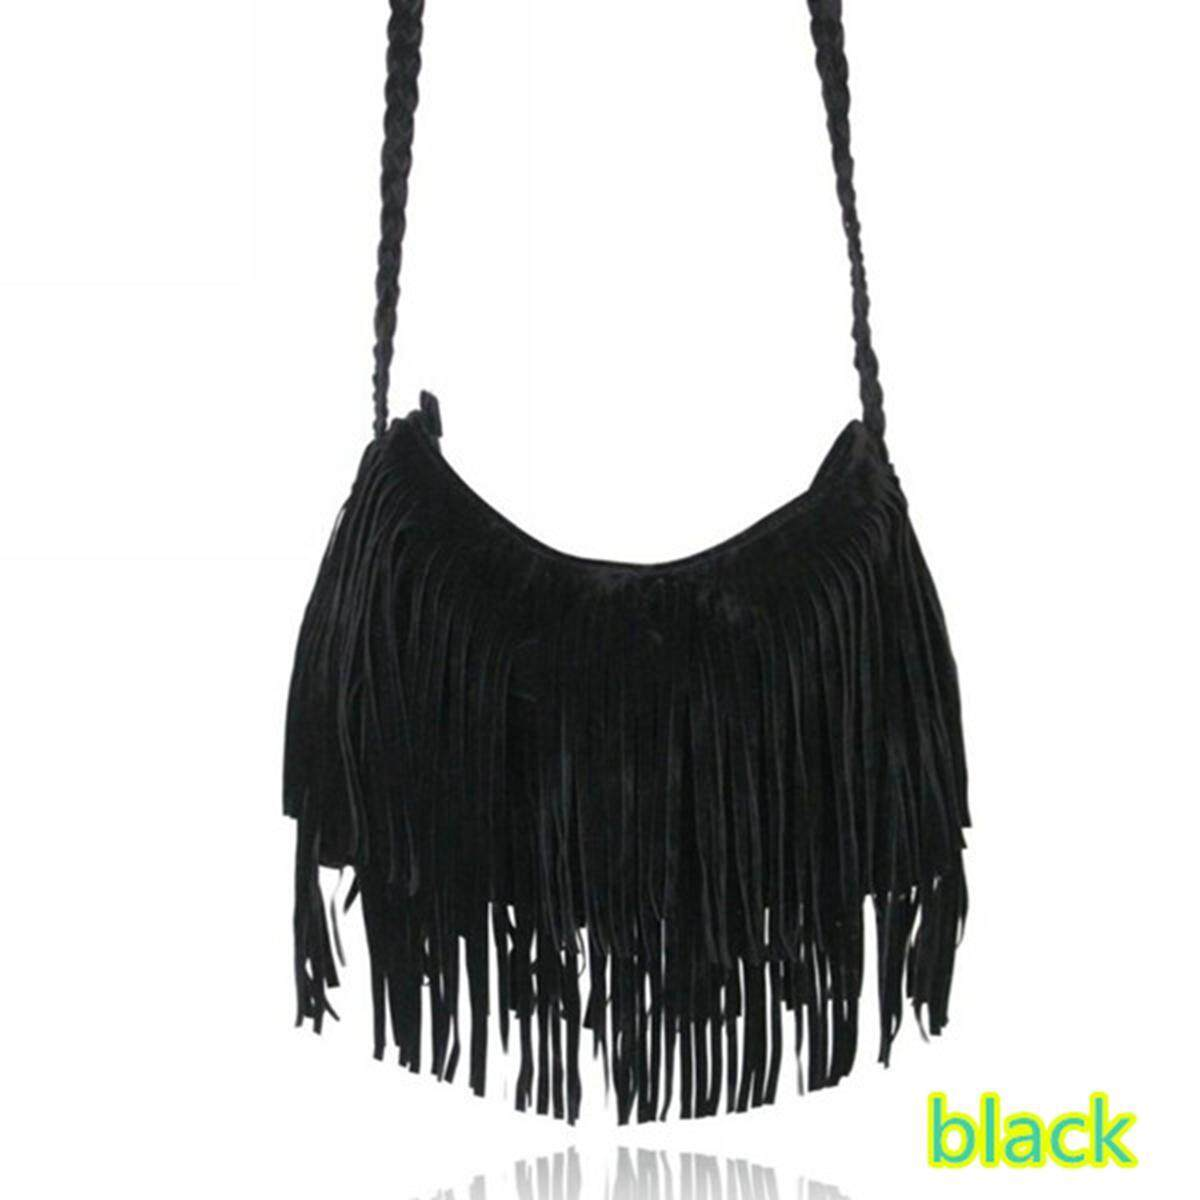 Price Fashion Celebrity Suede Tassel Handbag Fringe Cross Body Messenger Shoulder Bag Black Intl Online China